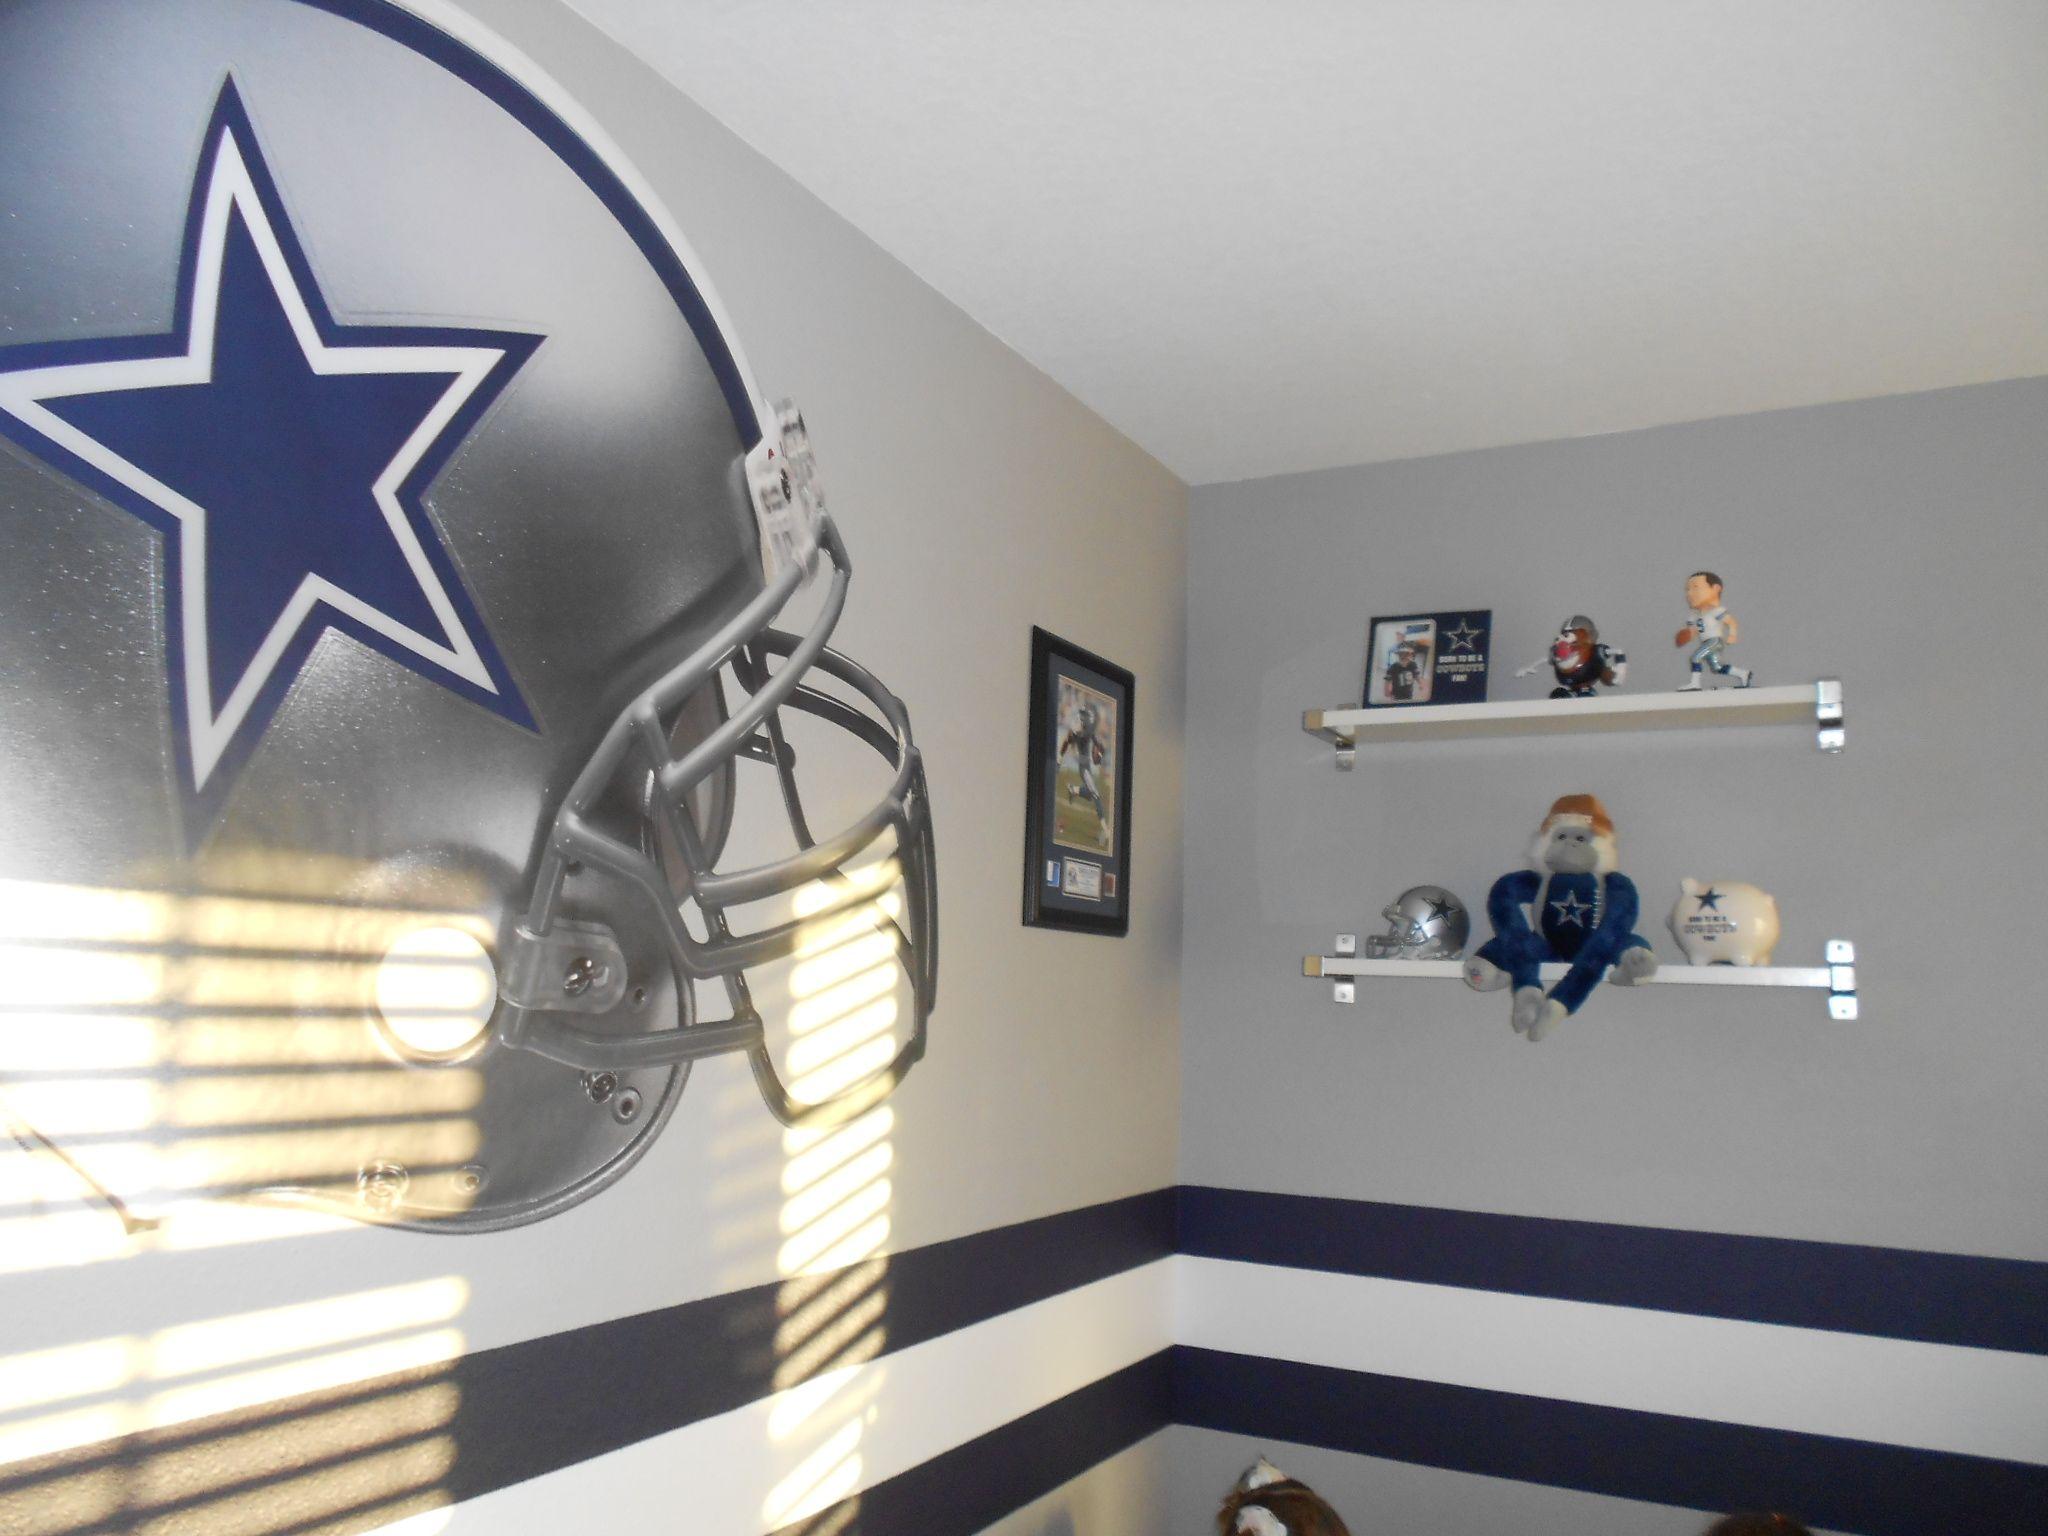 Dallas Cowboys Bedroom Featuring Fathead Wall Graphic Dallas Cowboys Room Decor Dallas Cowboys Bedroom Dallas Cowboys Theme Room